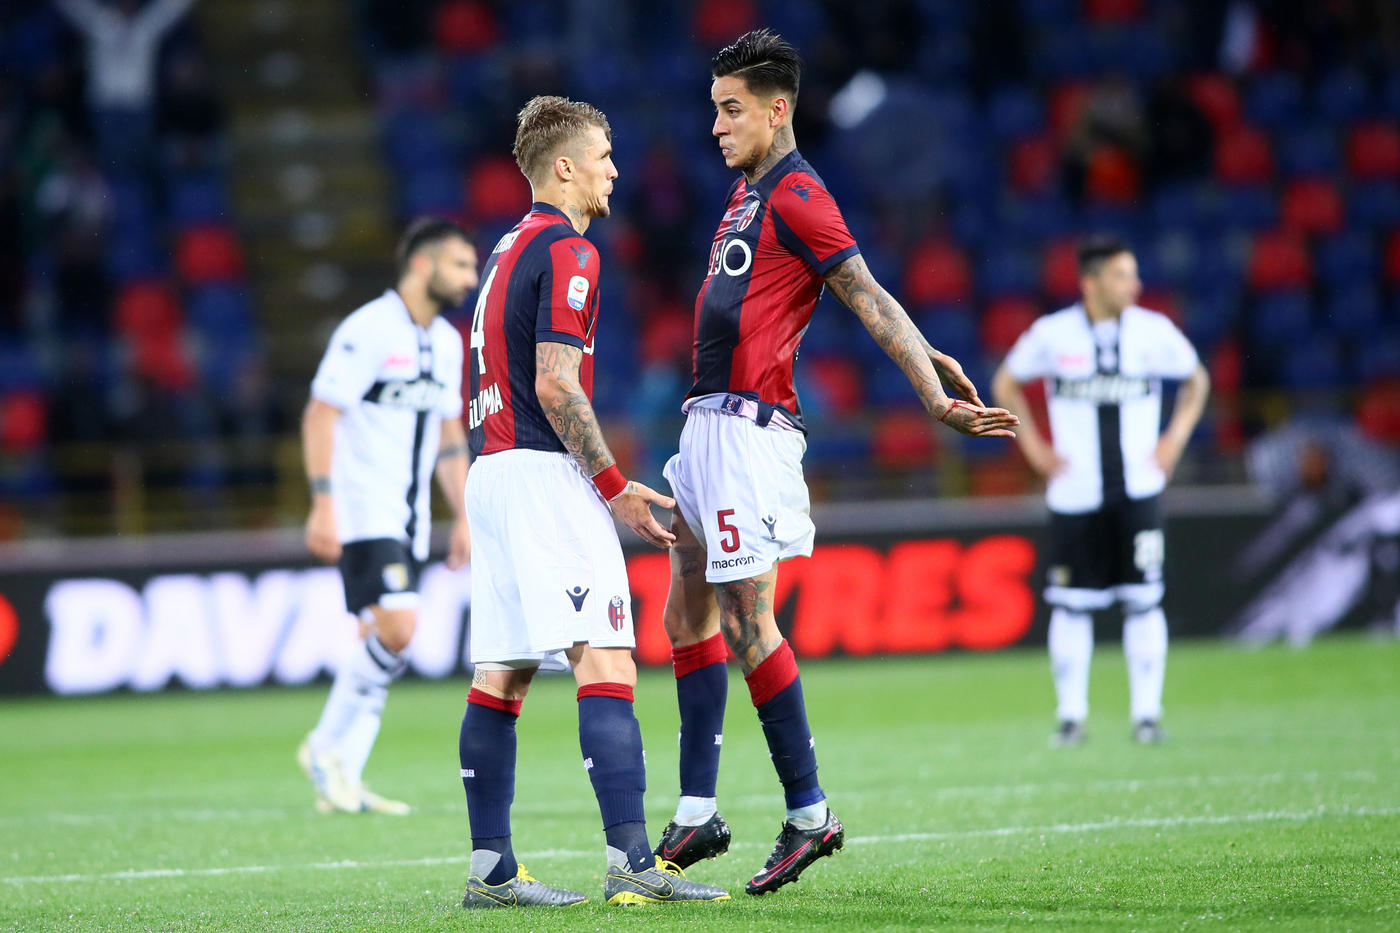 Il derby emiliano Bologna-Parma in foto.